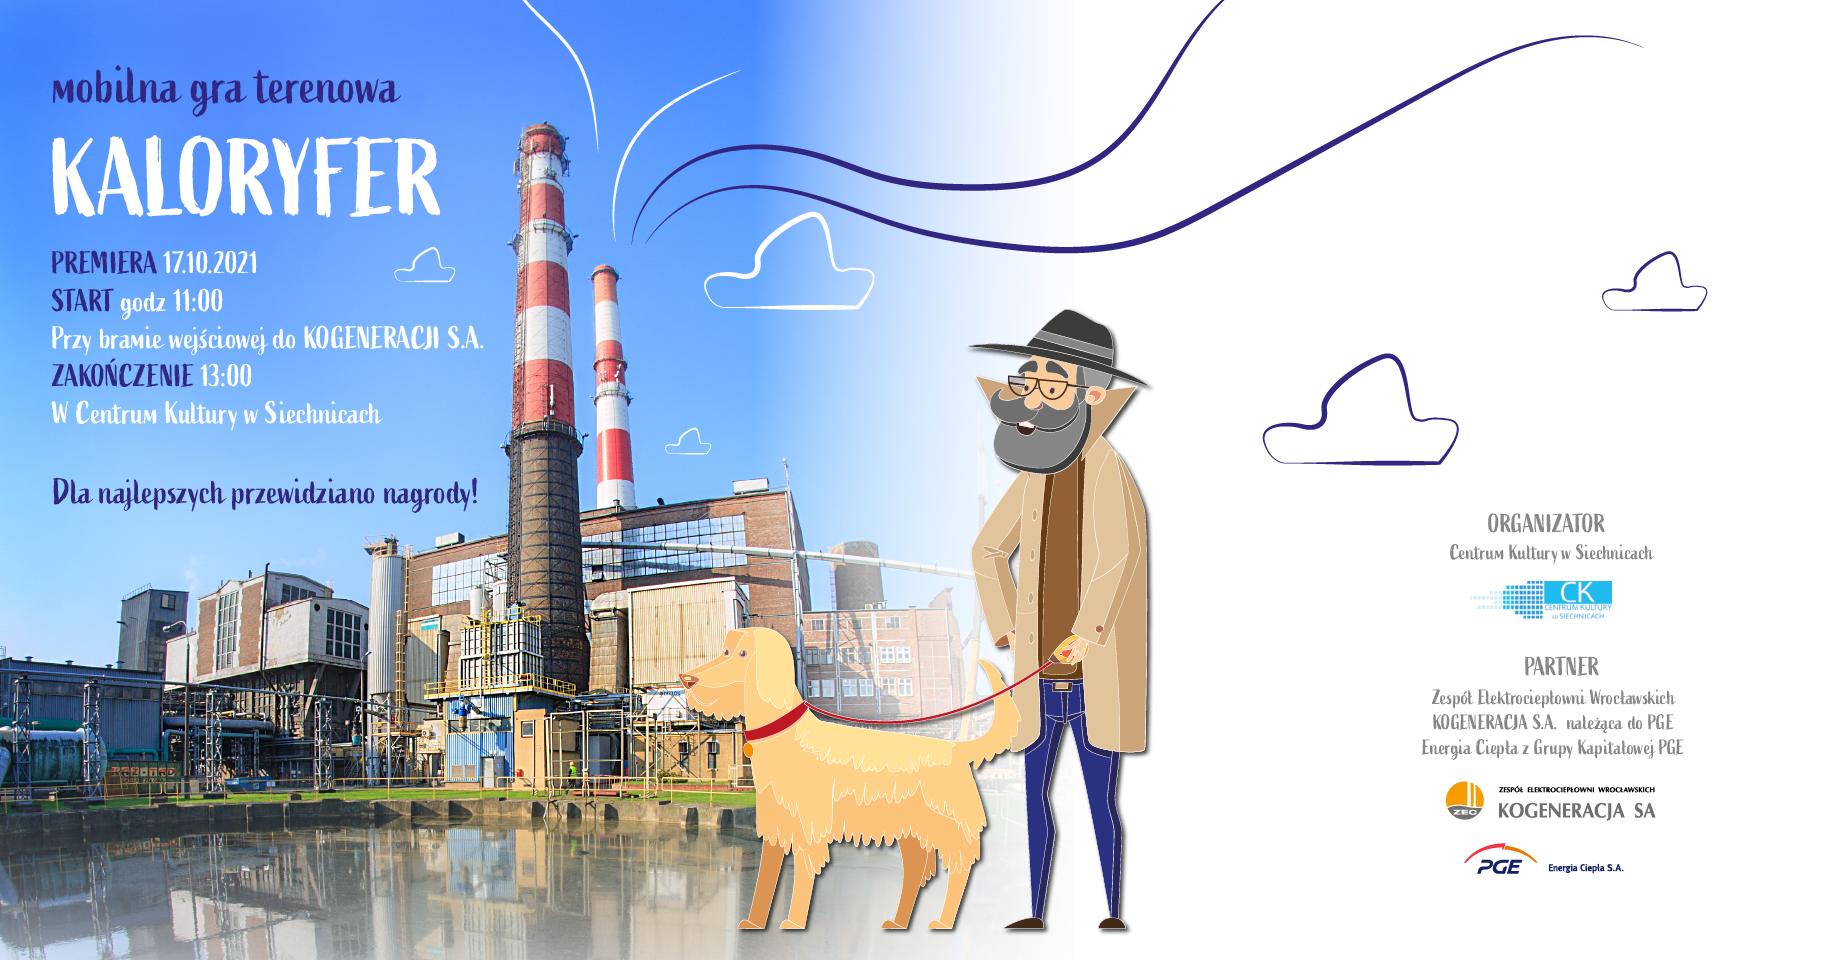 Grafika informacyjna Gry Kaloryfer, zdjęcie Siechnic, napisy, rysunek detektywa z psem